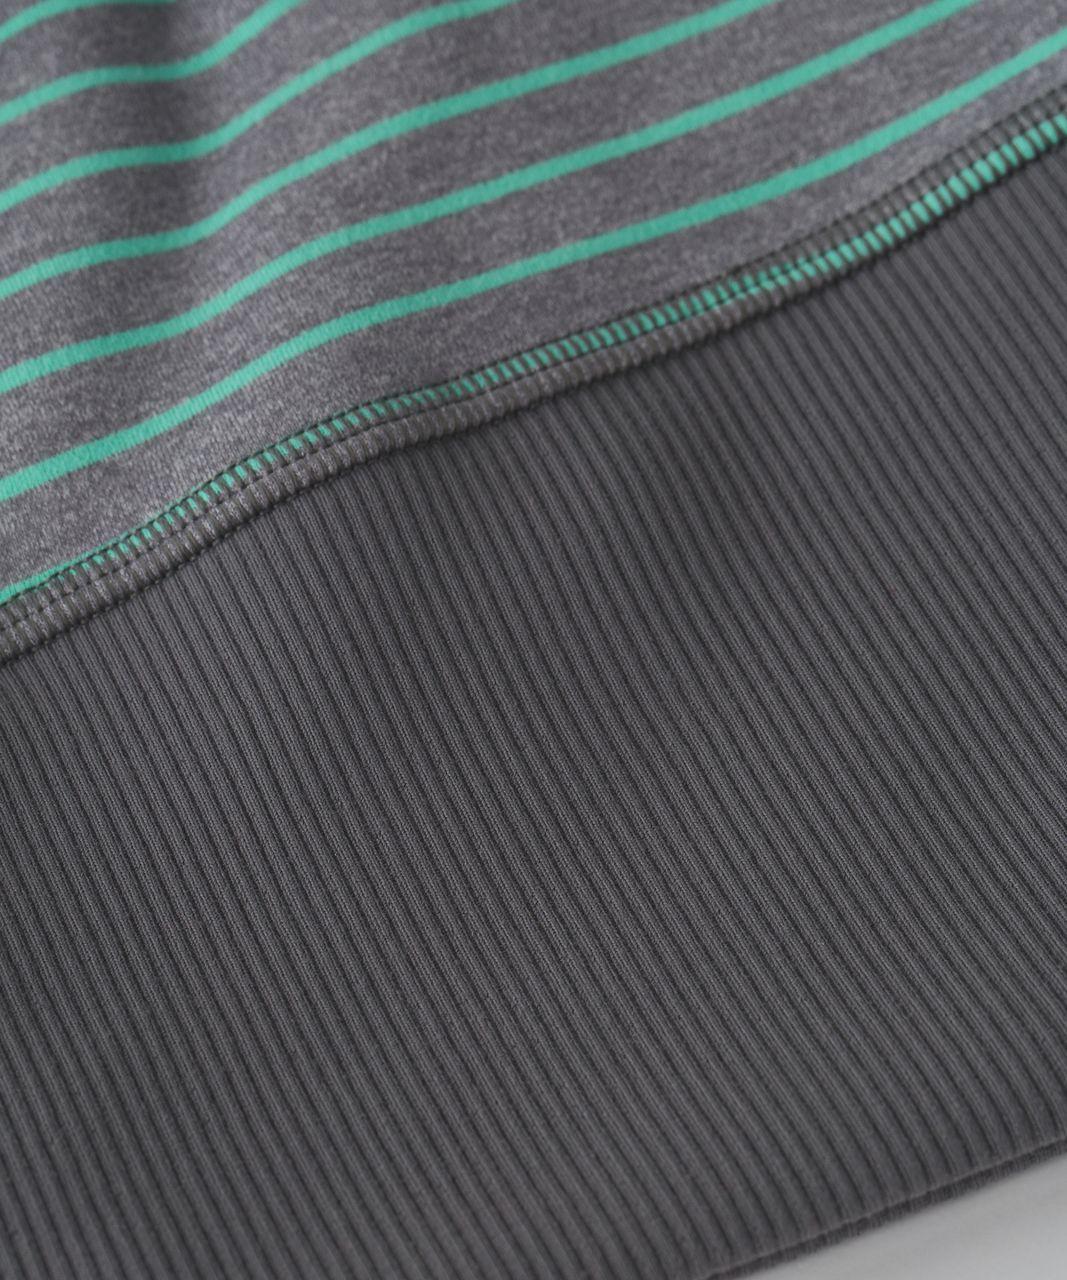 Lululemon Run With Me Toque - Parallel Stripe Menthol Heathered Slate / Heathered Slate / Slate